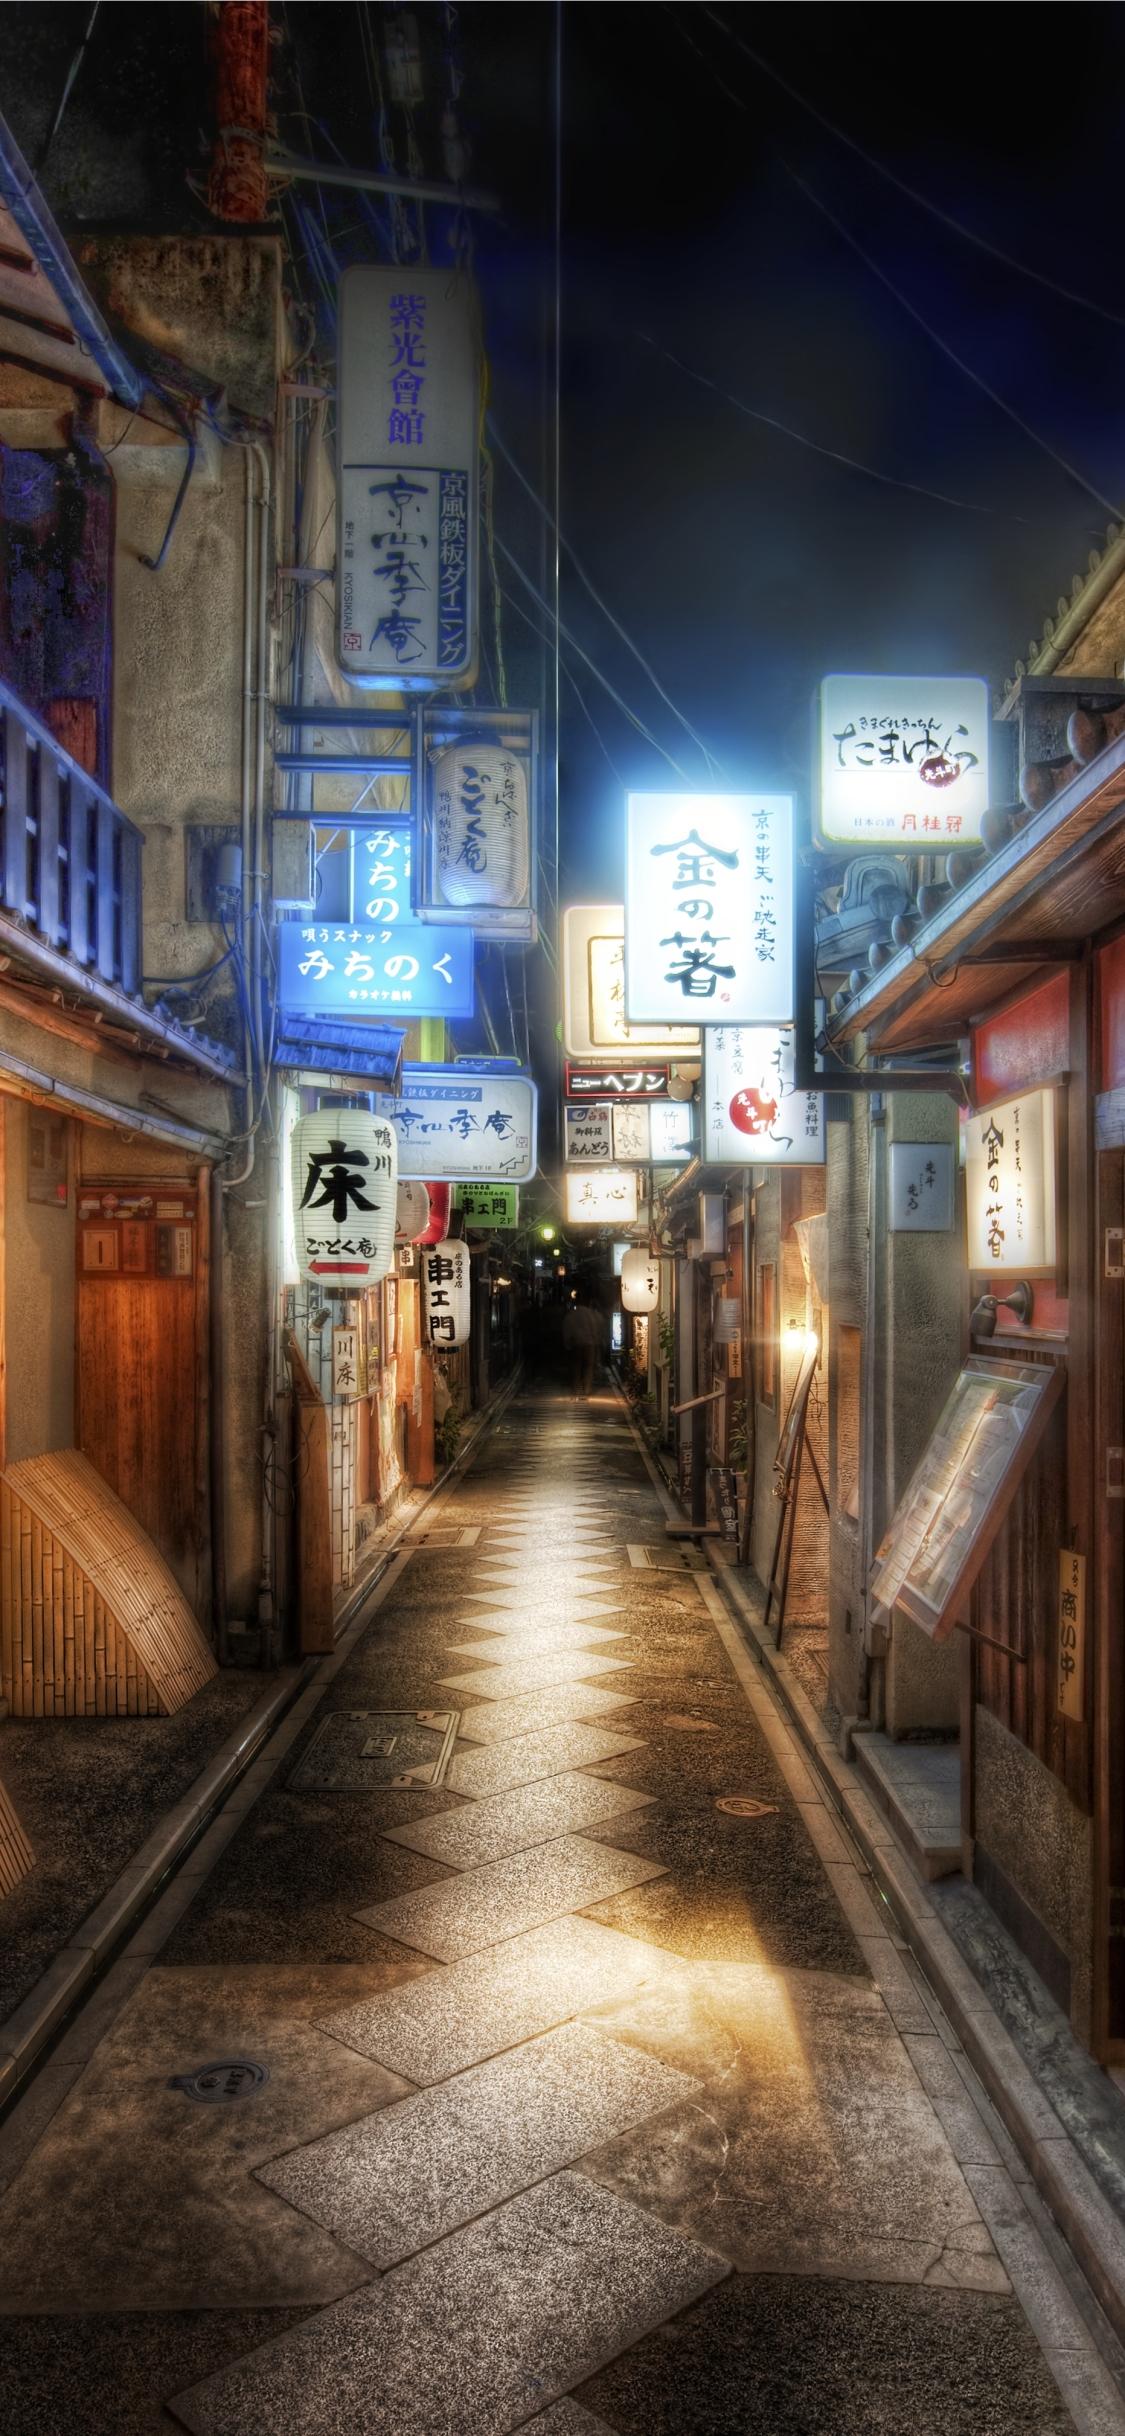 京都市iphonex場所壁紙 1125 X 2436 Iphoneチーズ